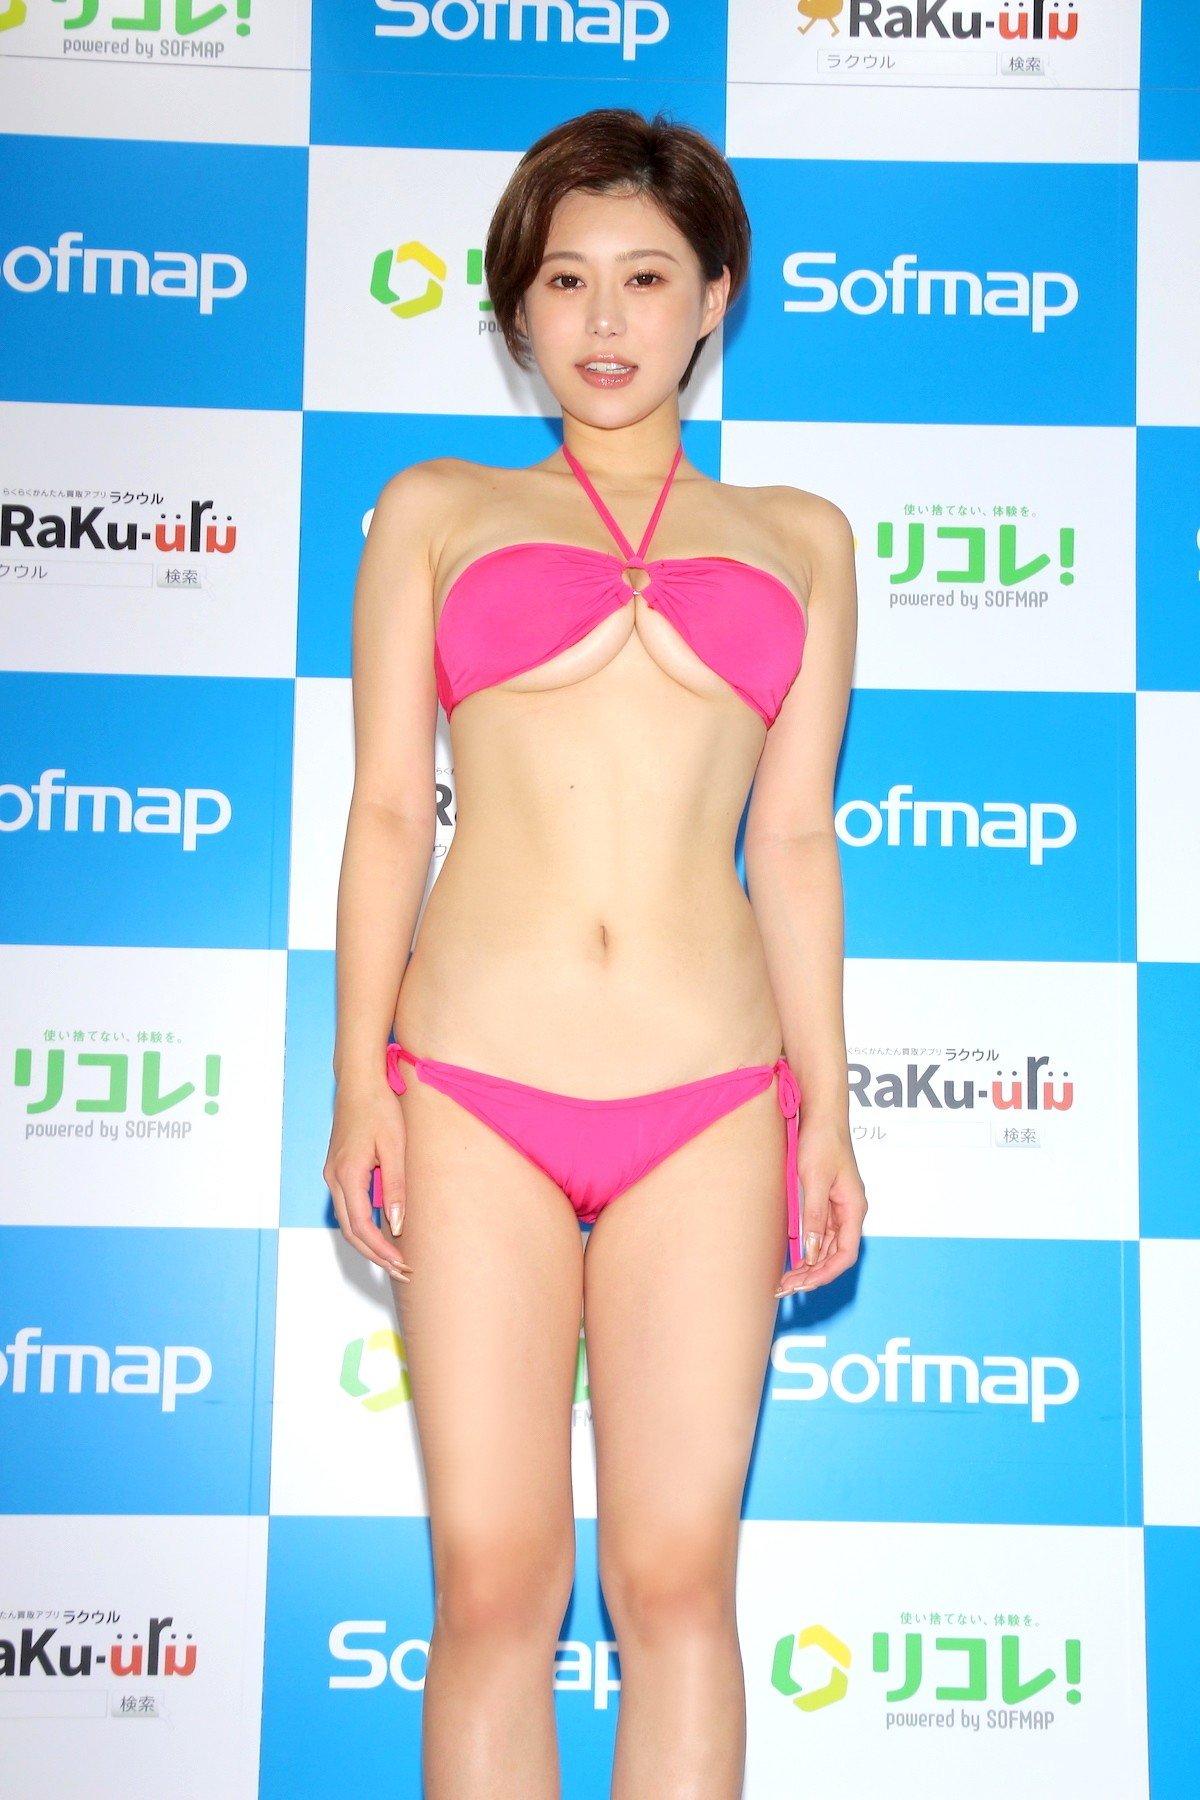 山本ゆう「裸エプロンってワードだけで」本当に何も下に着てない【画像58枚】の画像003